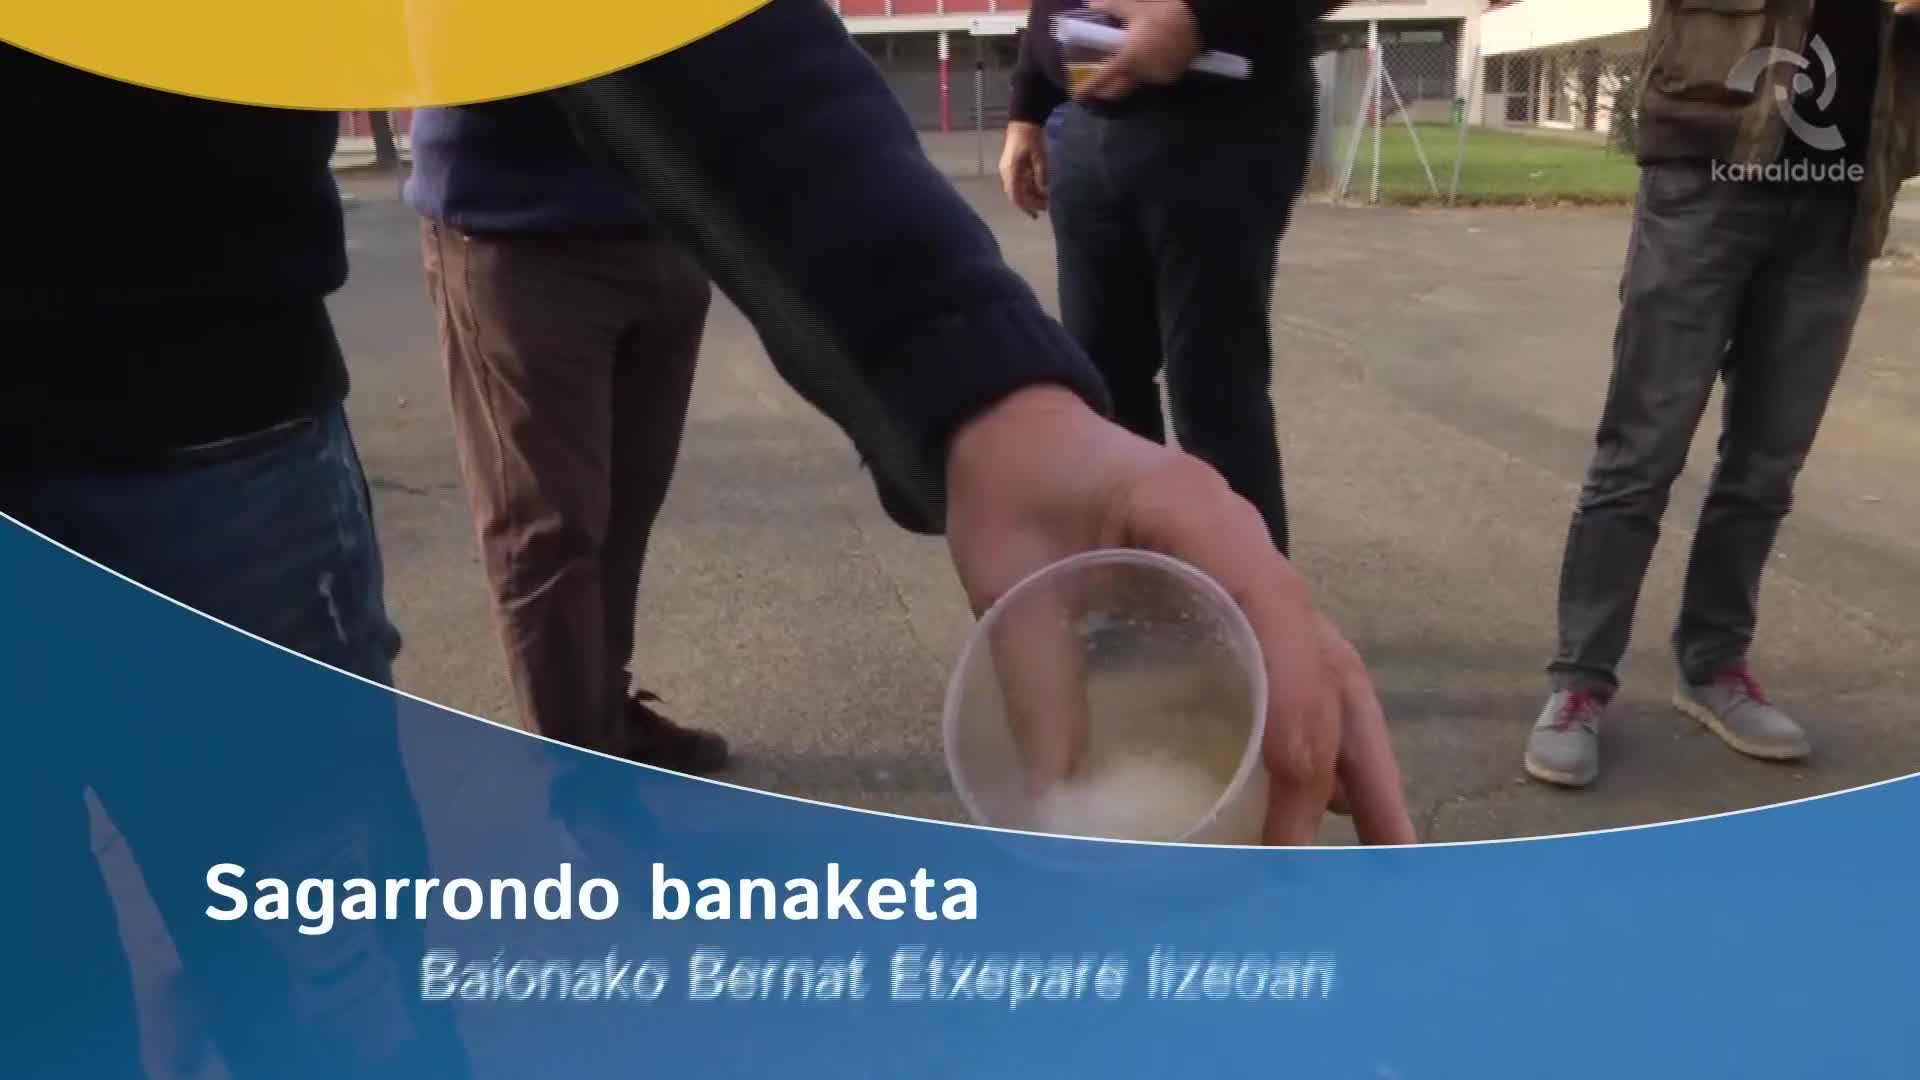 Sagarrondo banaketa Baionako Bernat Etxepare lizeoan